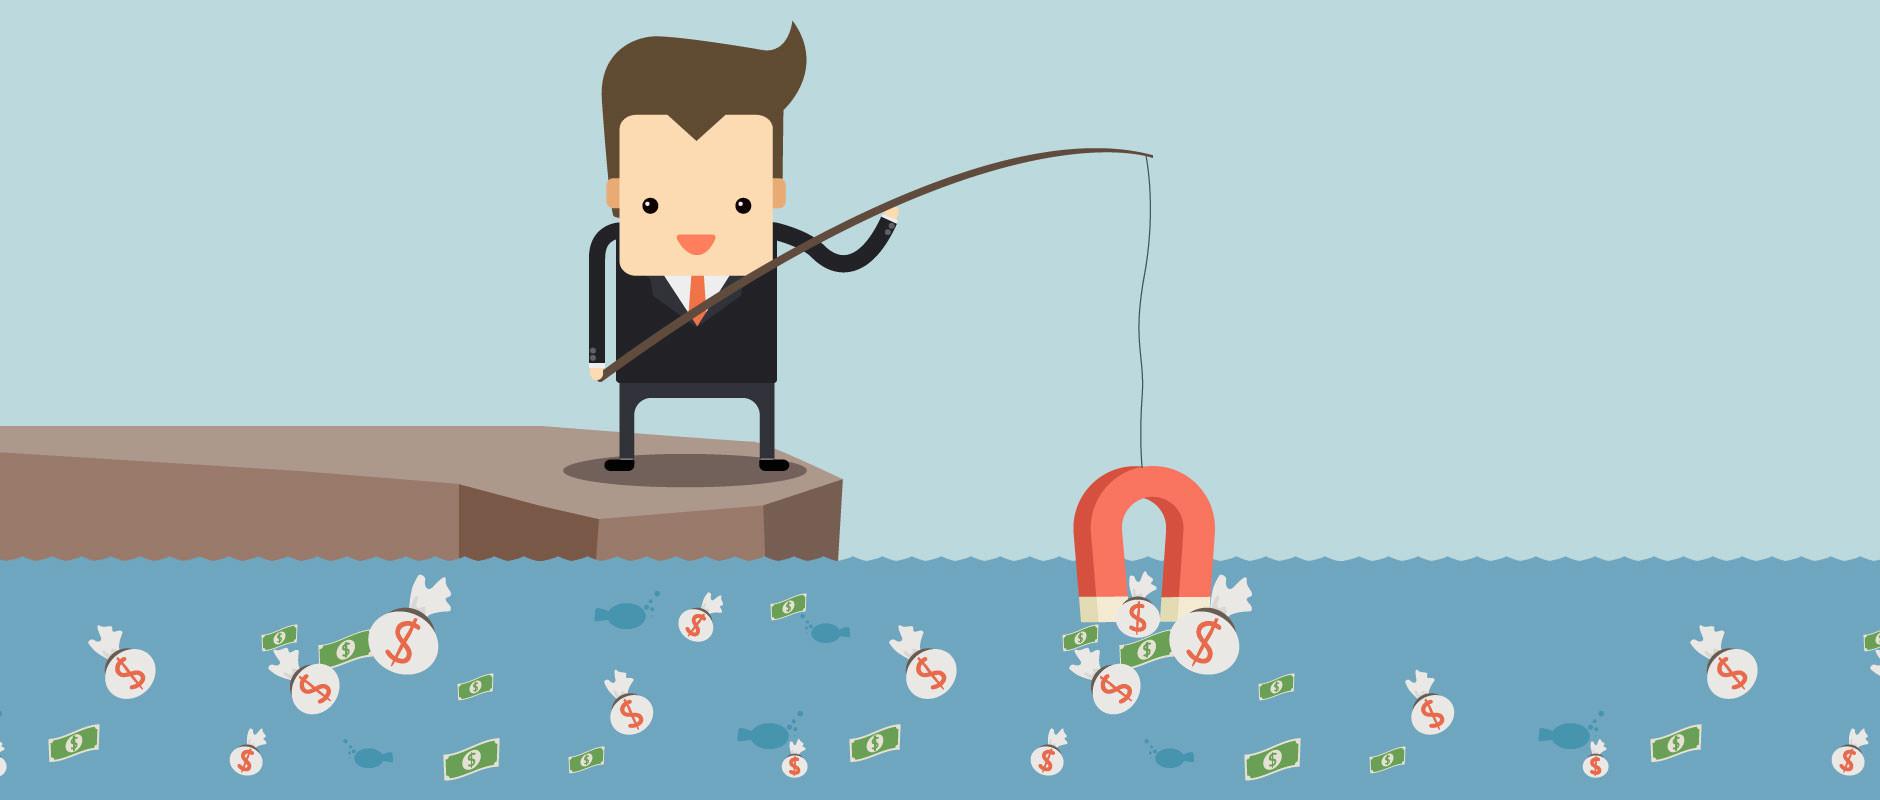 lead, registro, internet, cómo generar, formulario, pesca, negocio